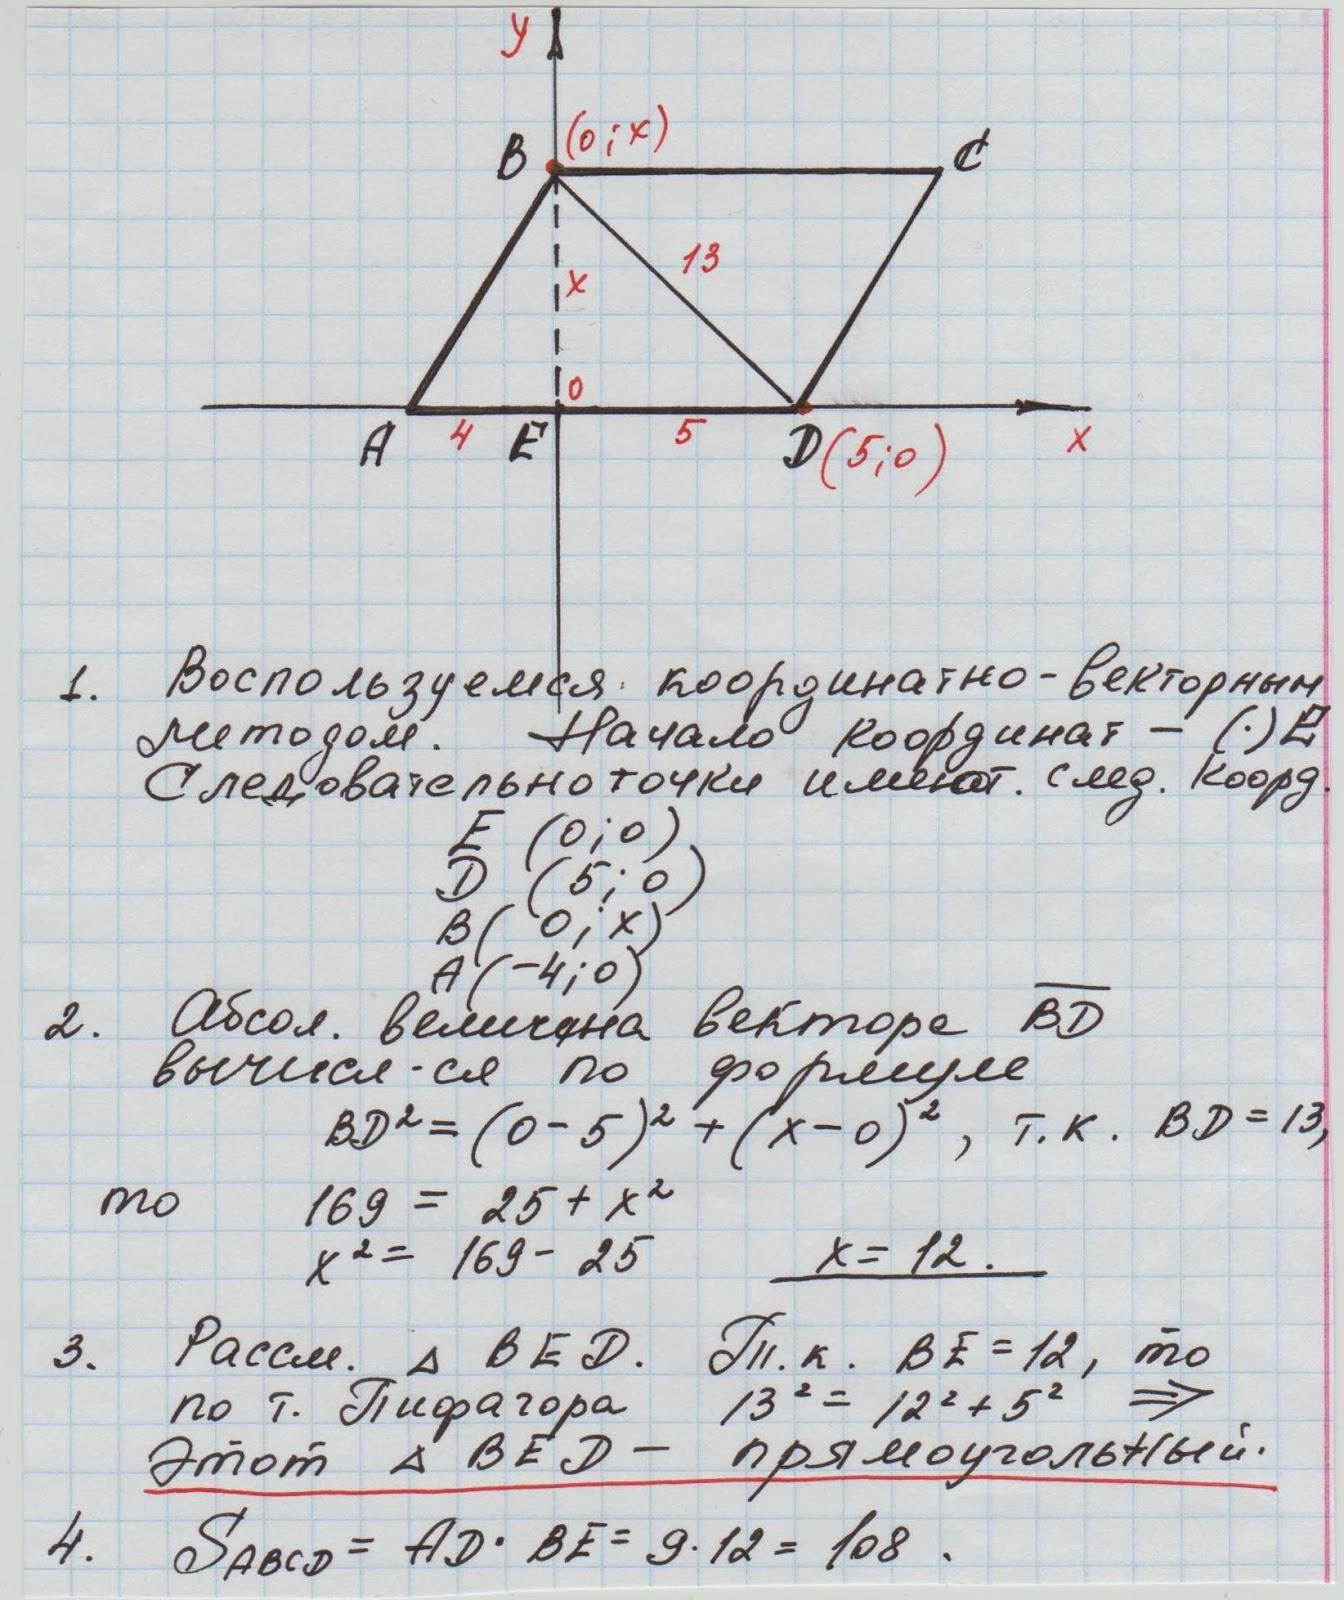 Моя ГАЛАктика: Задачи КДР по геометрии с решениями. 8 класс.